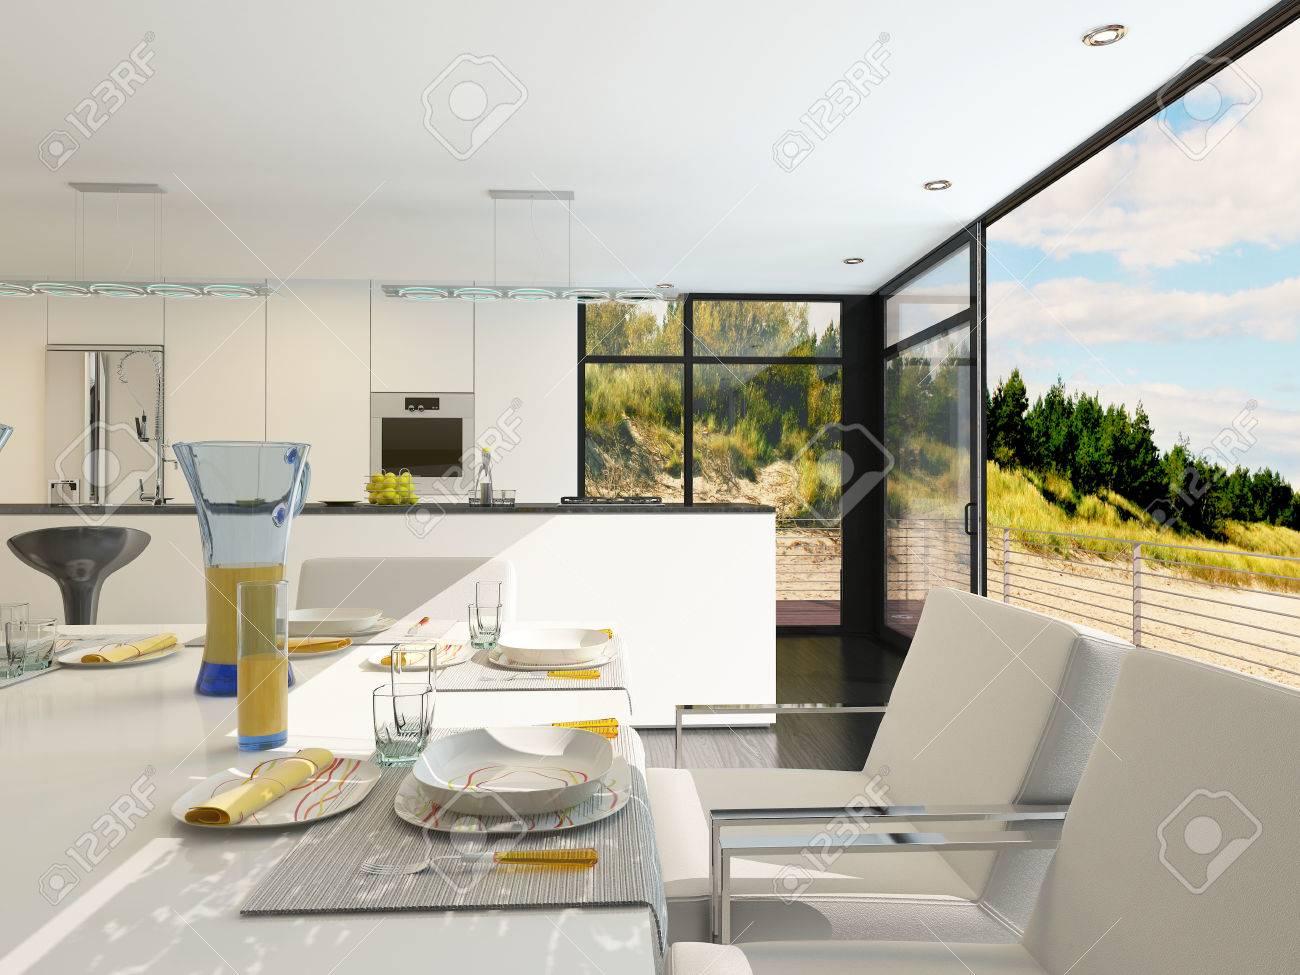 Moderno Comedor De Planta Abierta Con Ajustes Elegantes Lugar En Una ...